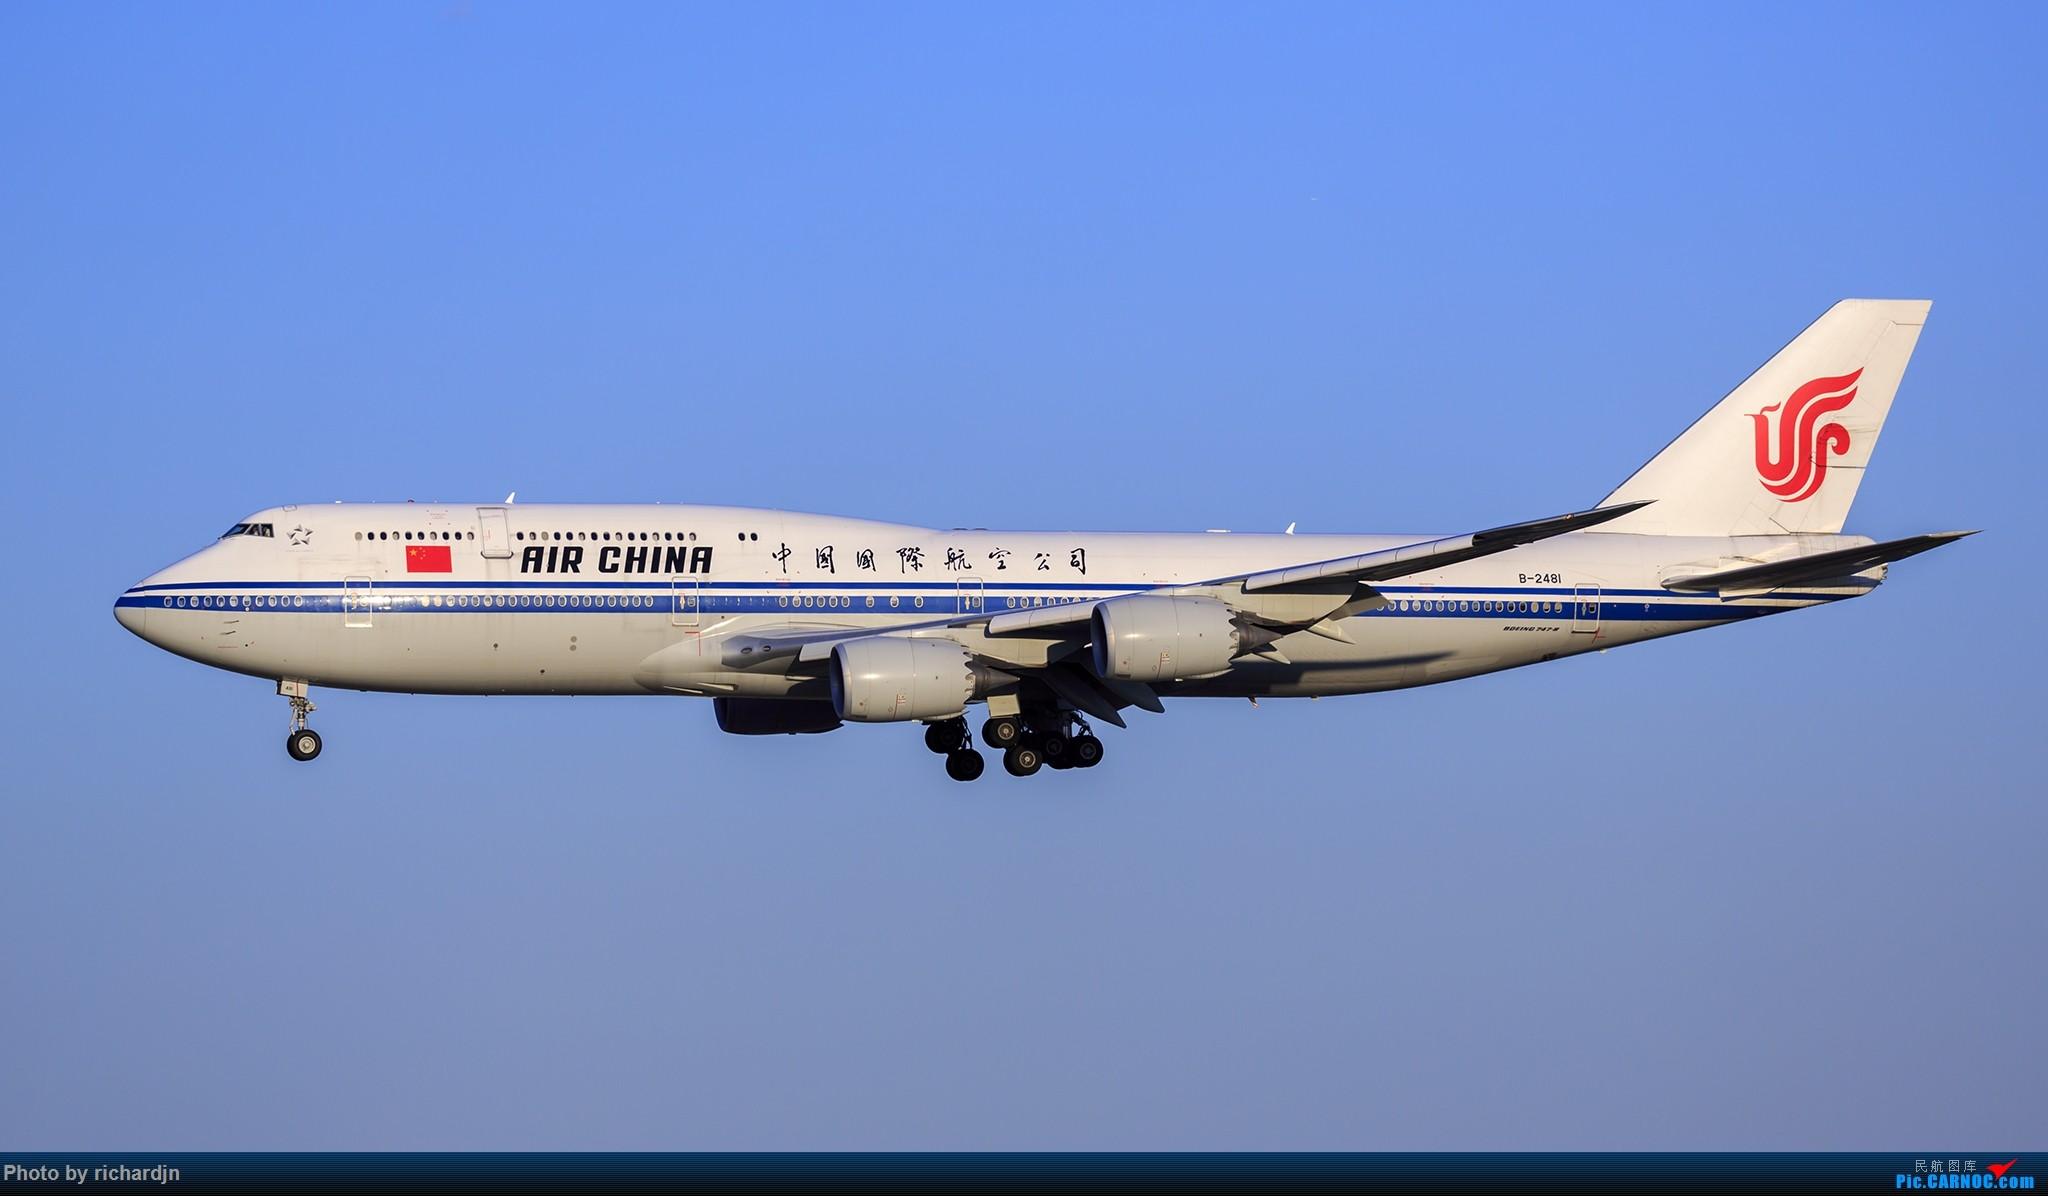 Re:[原创]2018年10月1日ZBAA撸机 BOEING 747-8I B-2481 中国北京首都国际机场